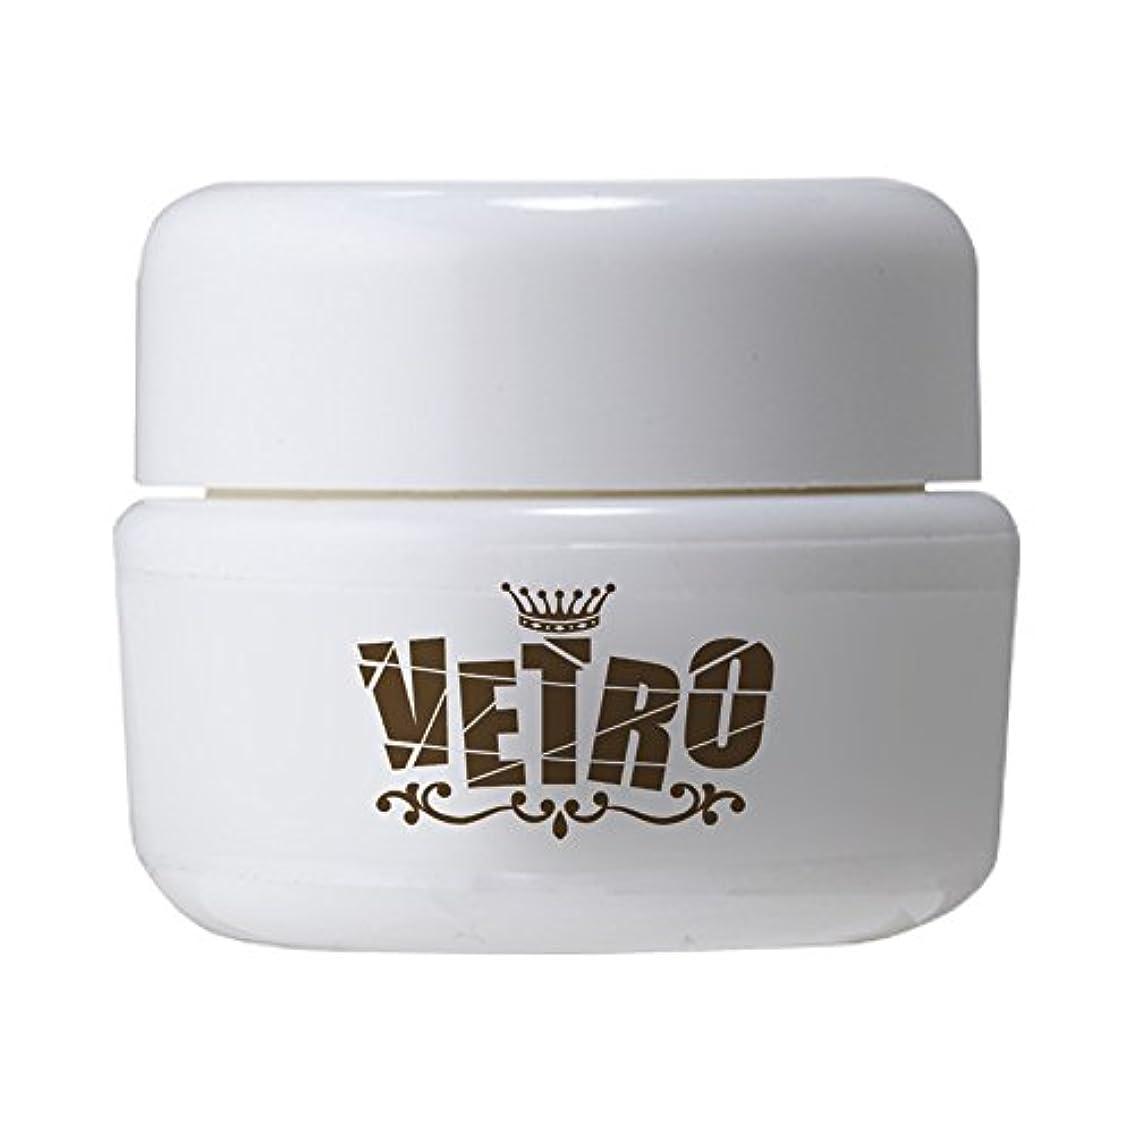 死にかけている原始的な風景VETRO VLT975 トールホワイト カラージェル UV/LED対応タイオウ